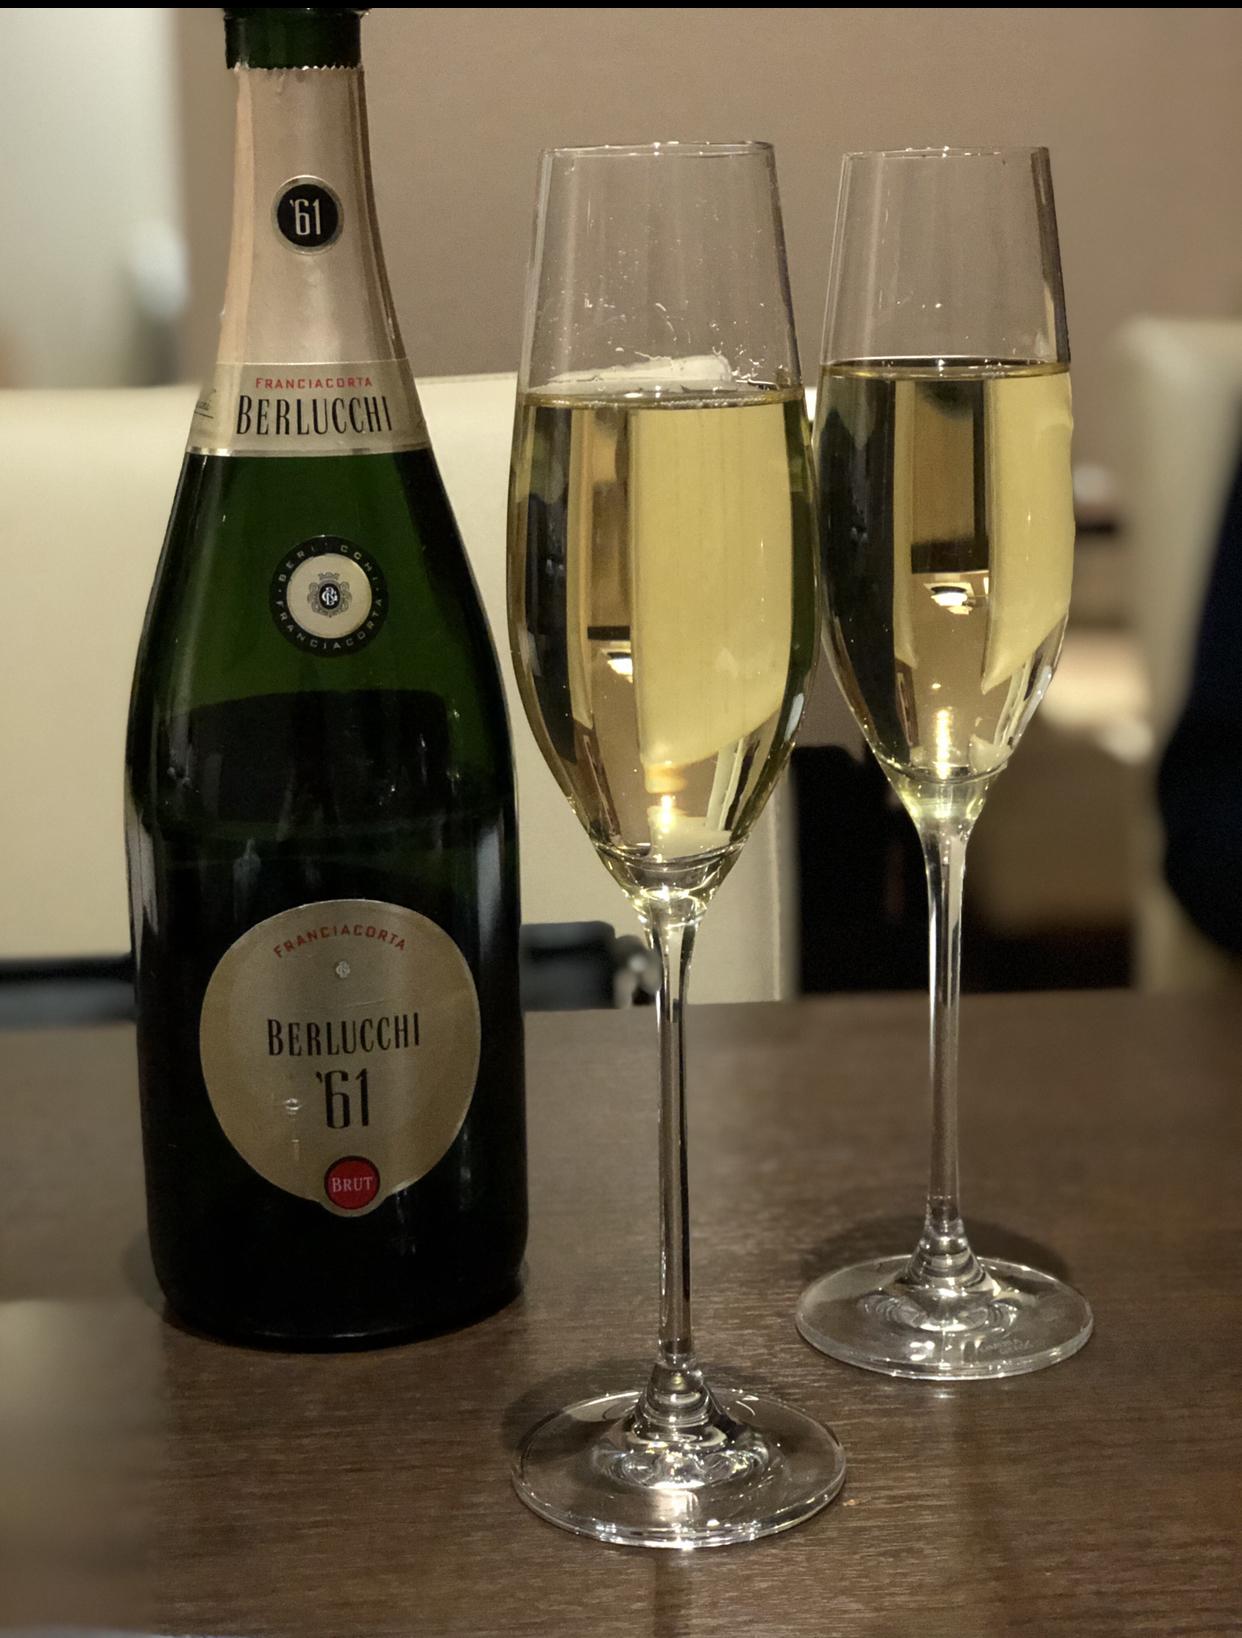 イタリアの最高峰発泡ワイン『フランチャコルタ』で乾杯☆_1_2